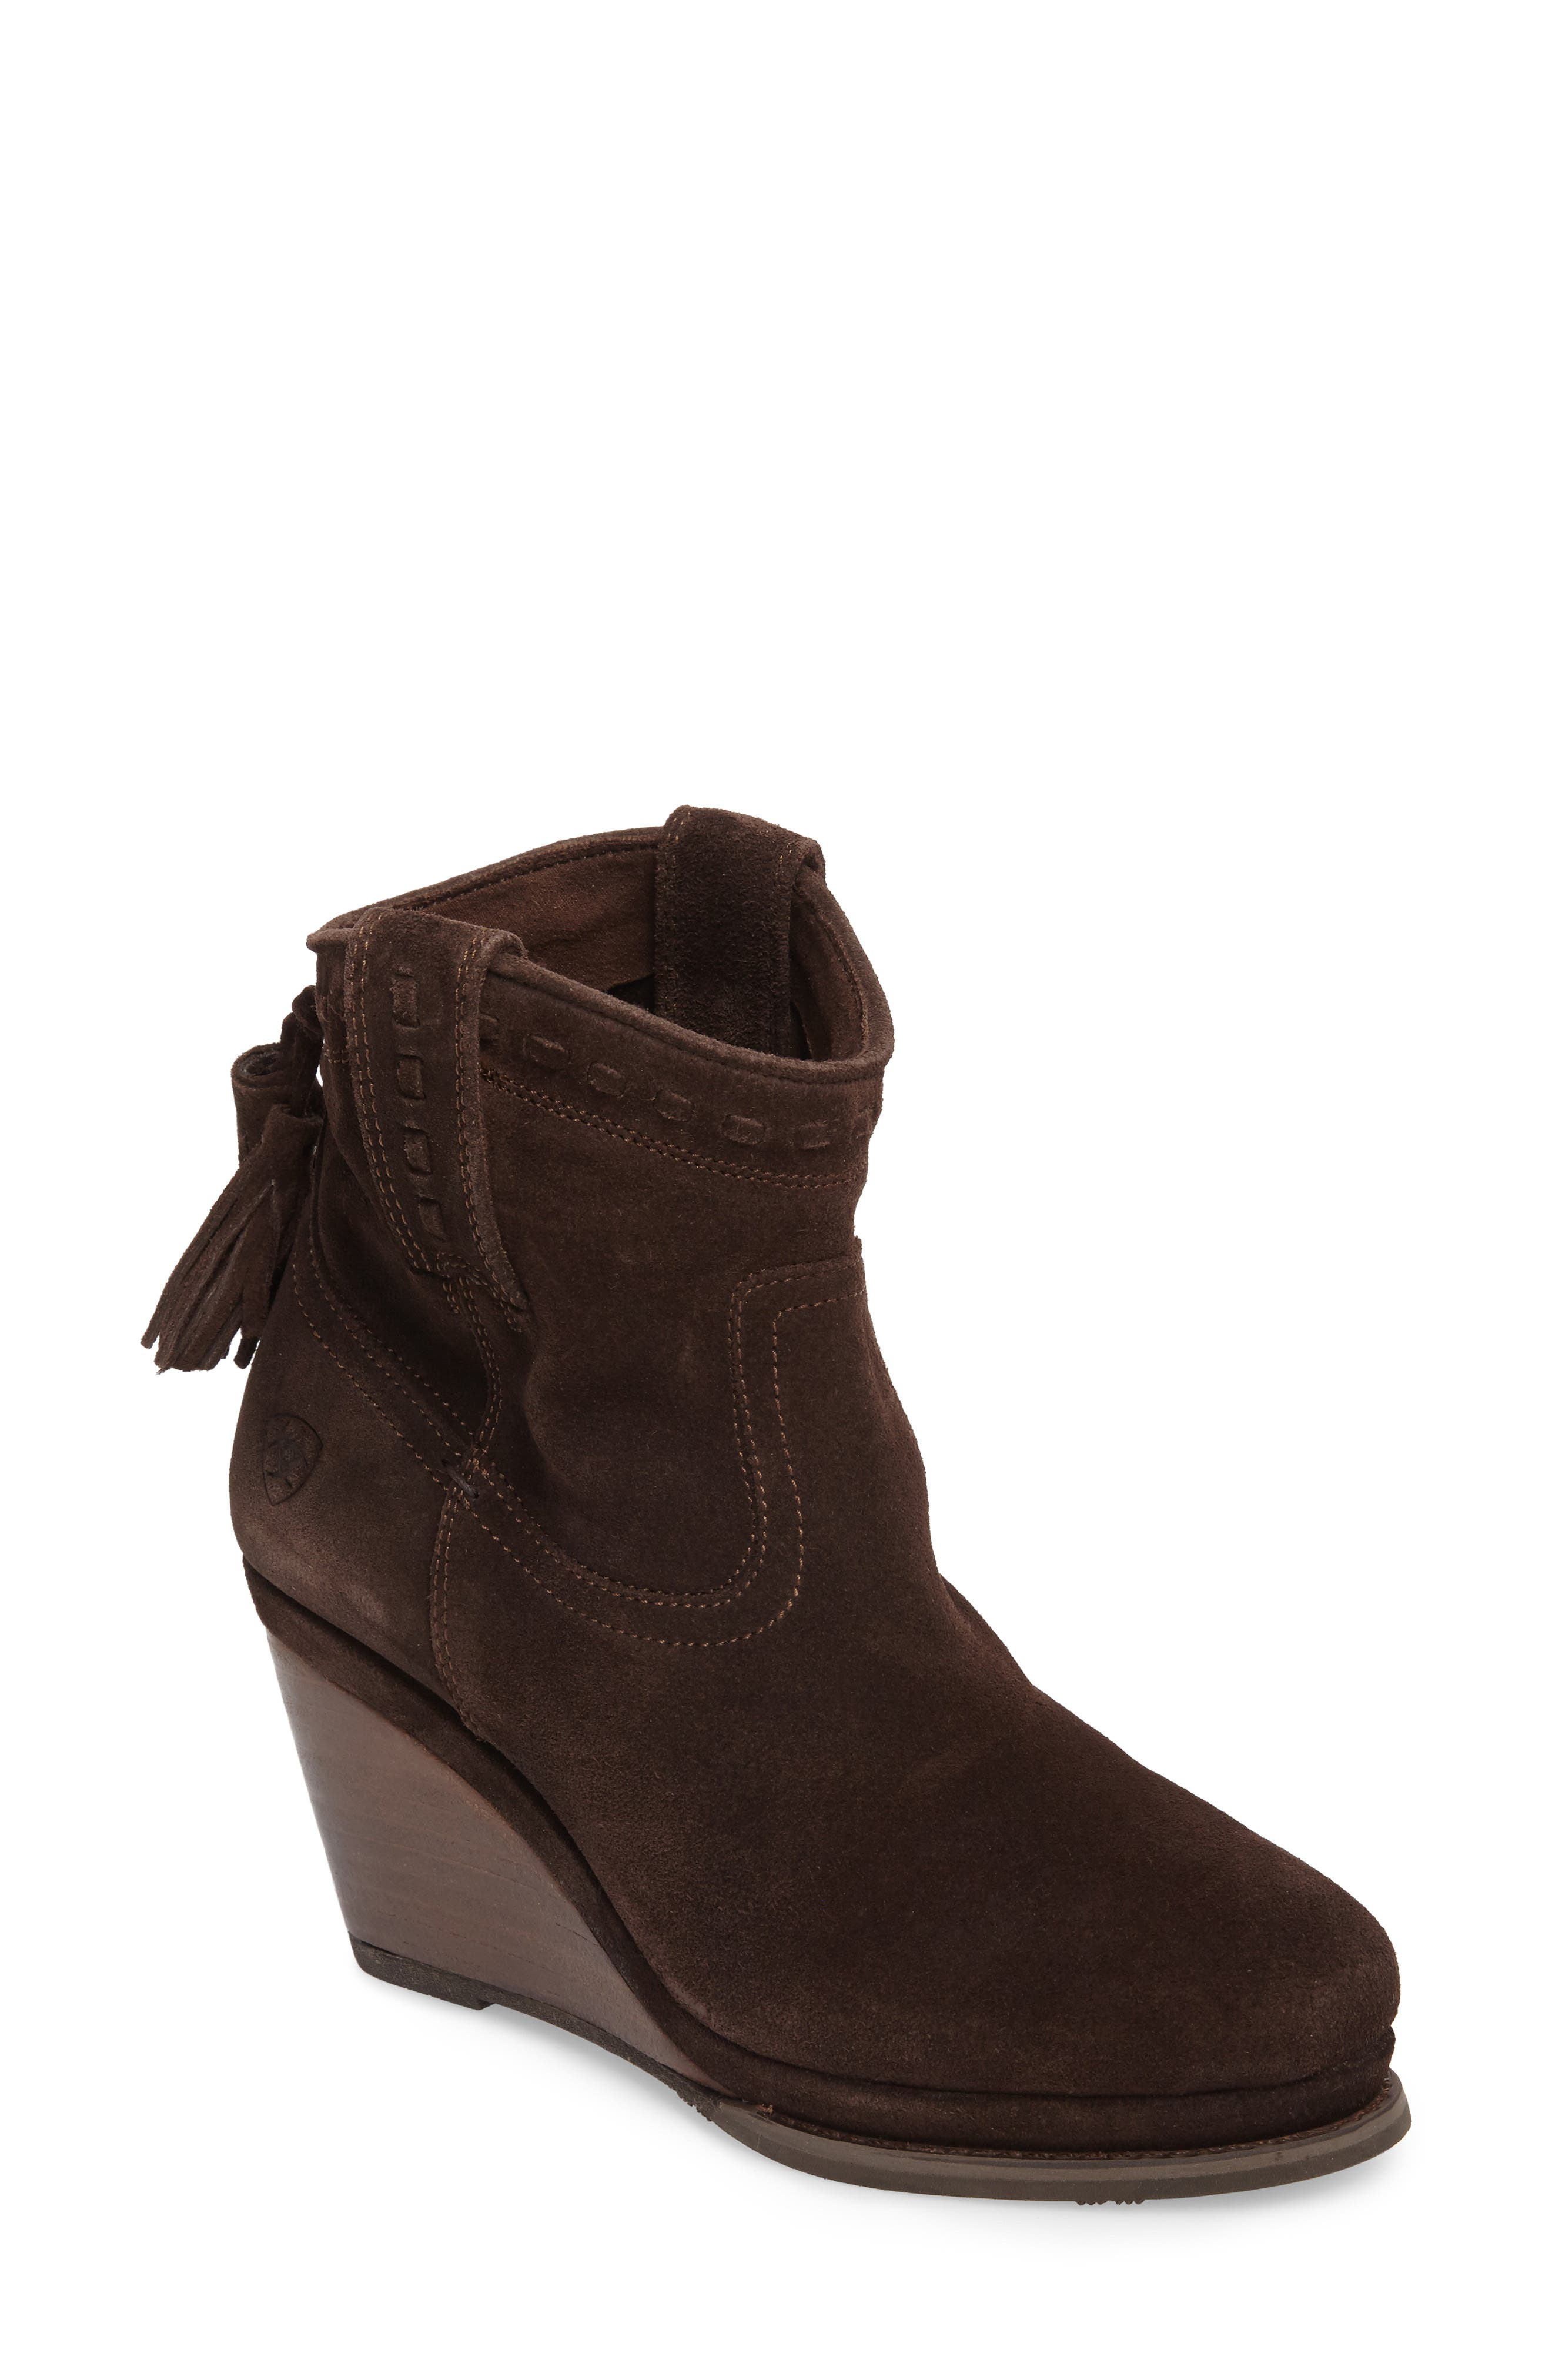 Broadway Western Wedge Boot,                         Main,                         color, Dark Brown Suede